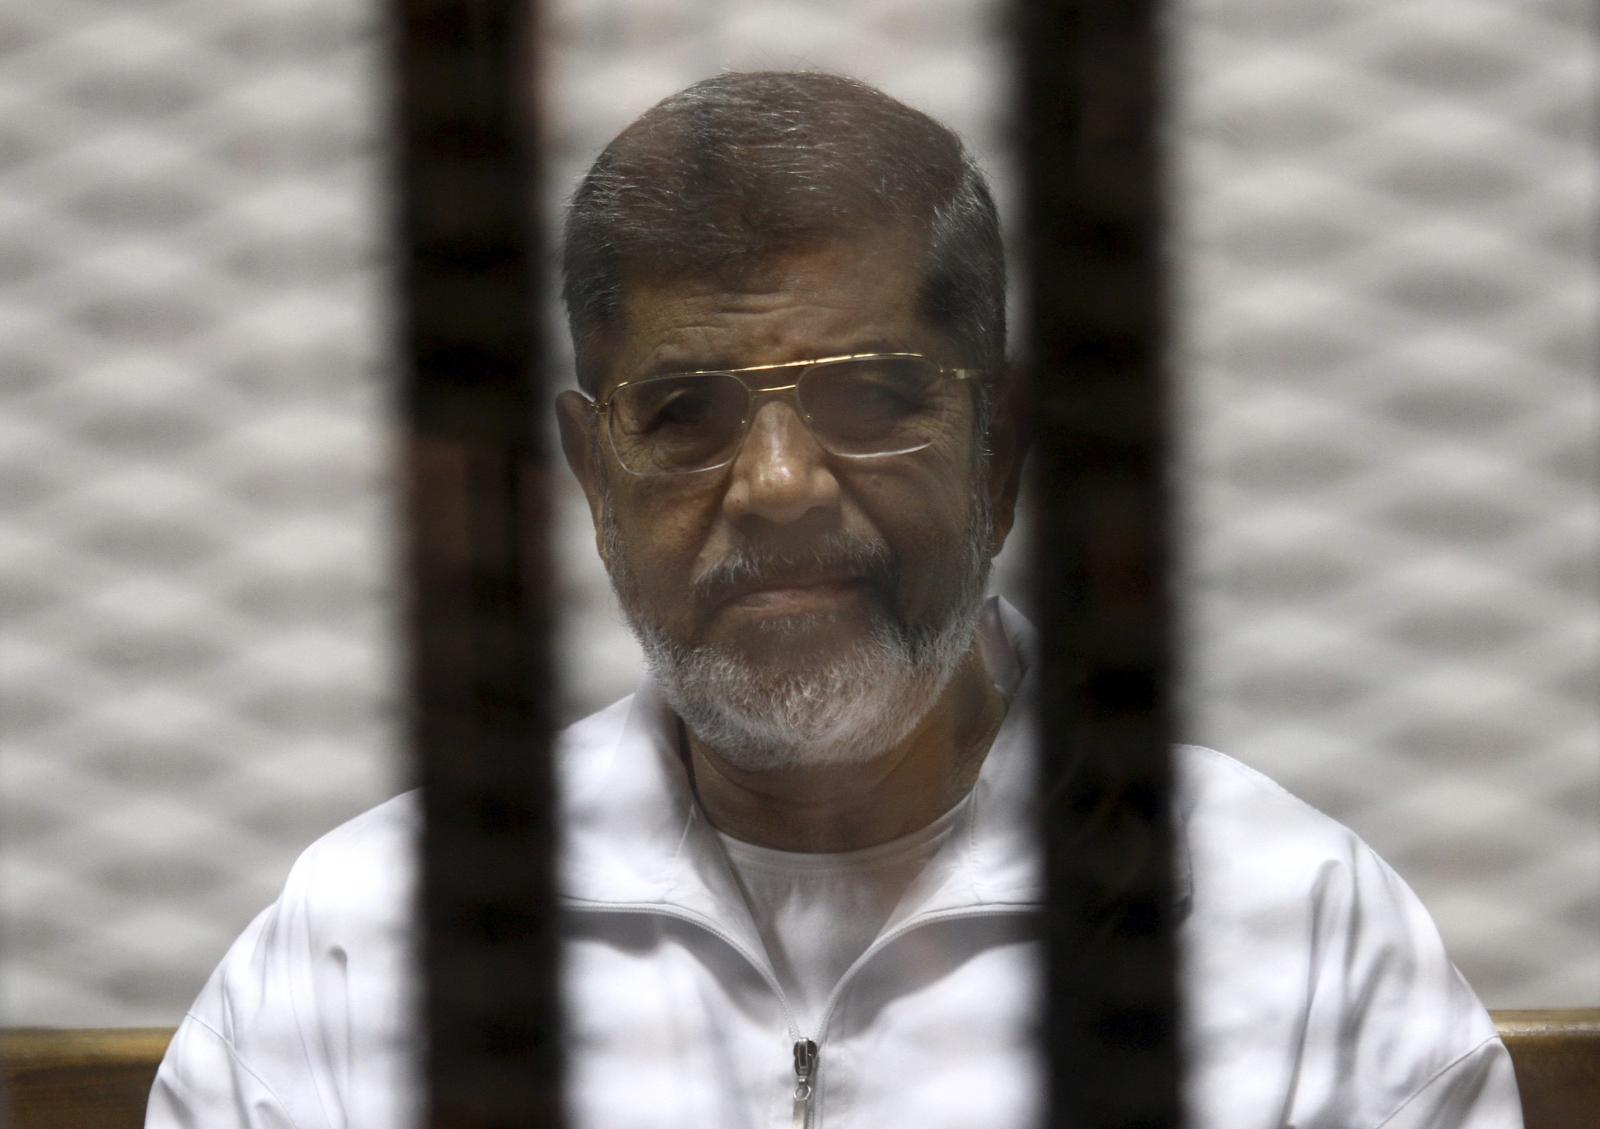 Egypt court overturns death sentence against former president Morsi